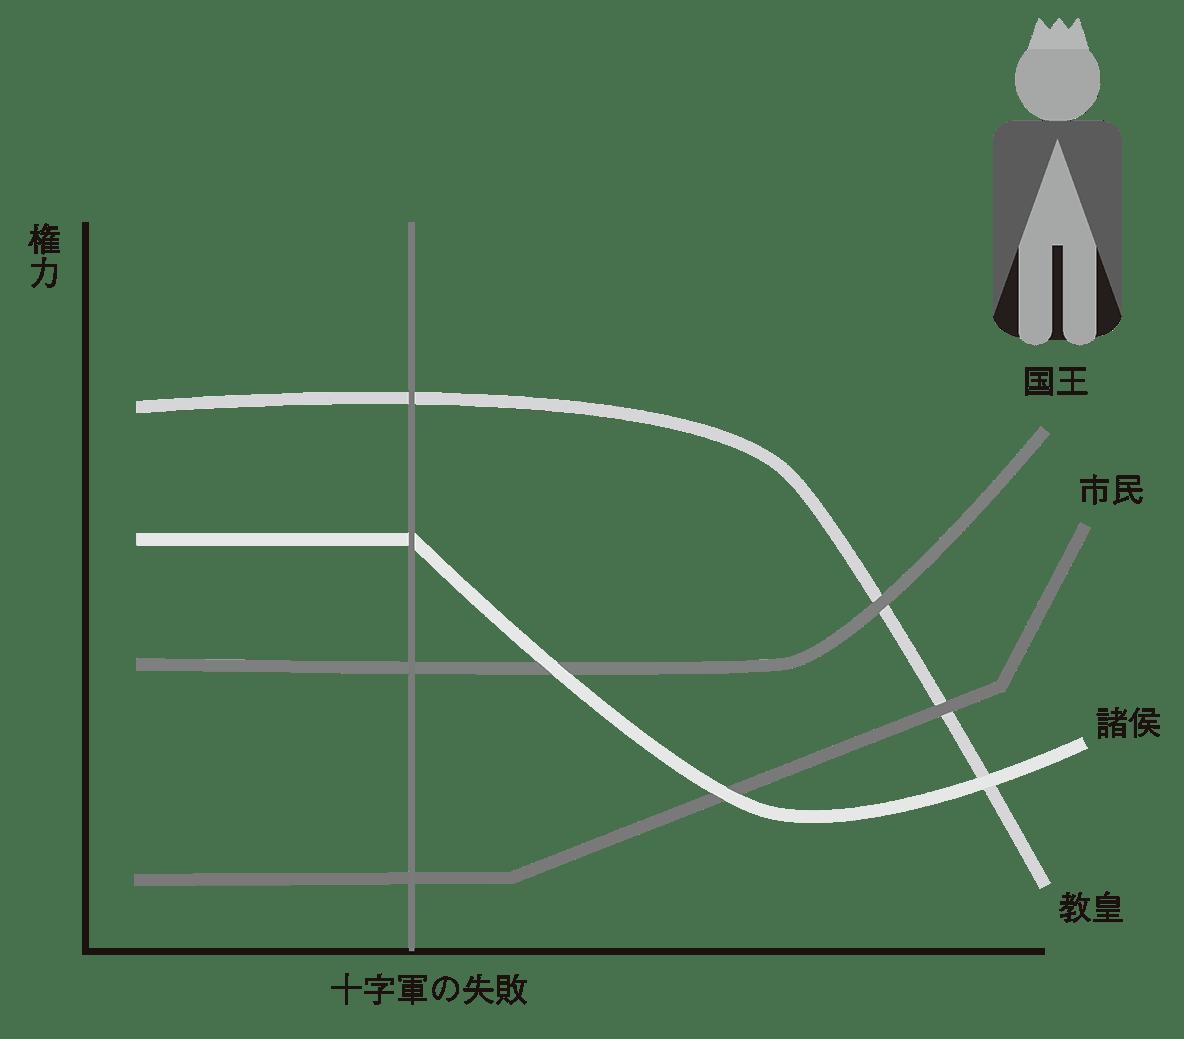 左ページのグラフ